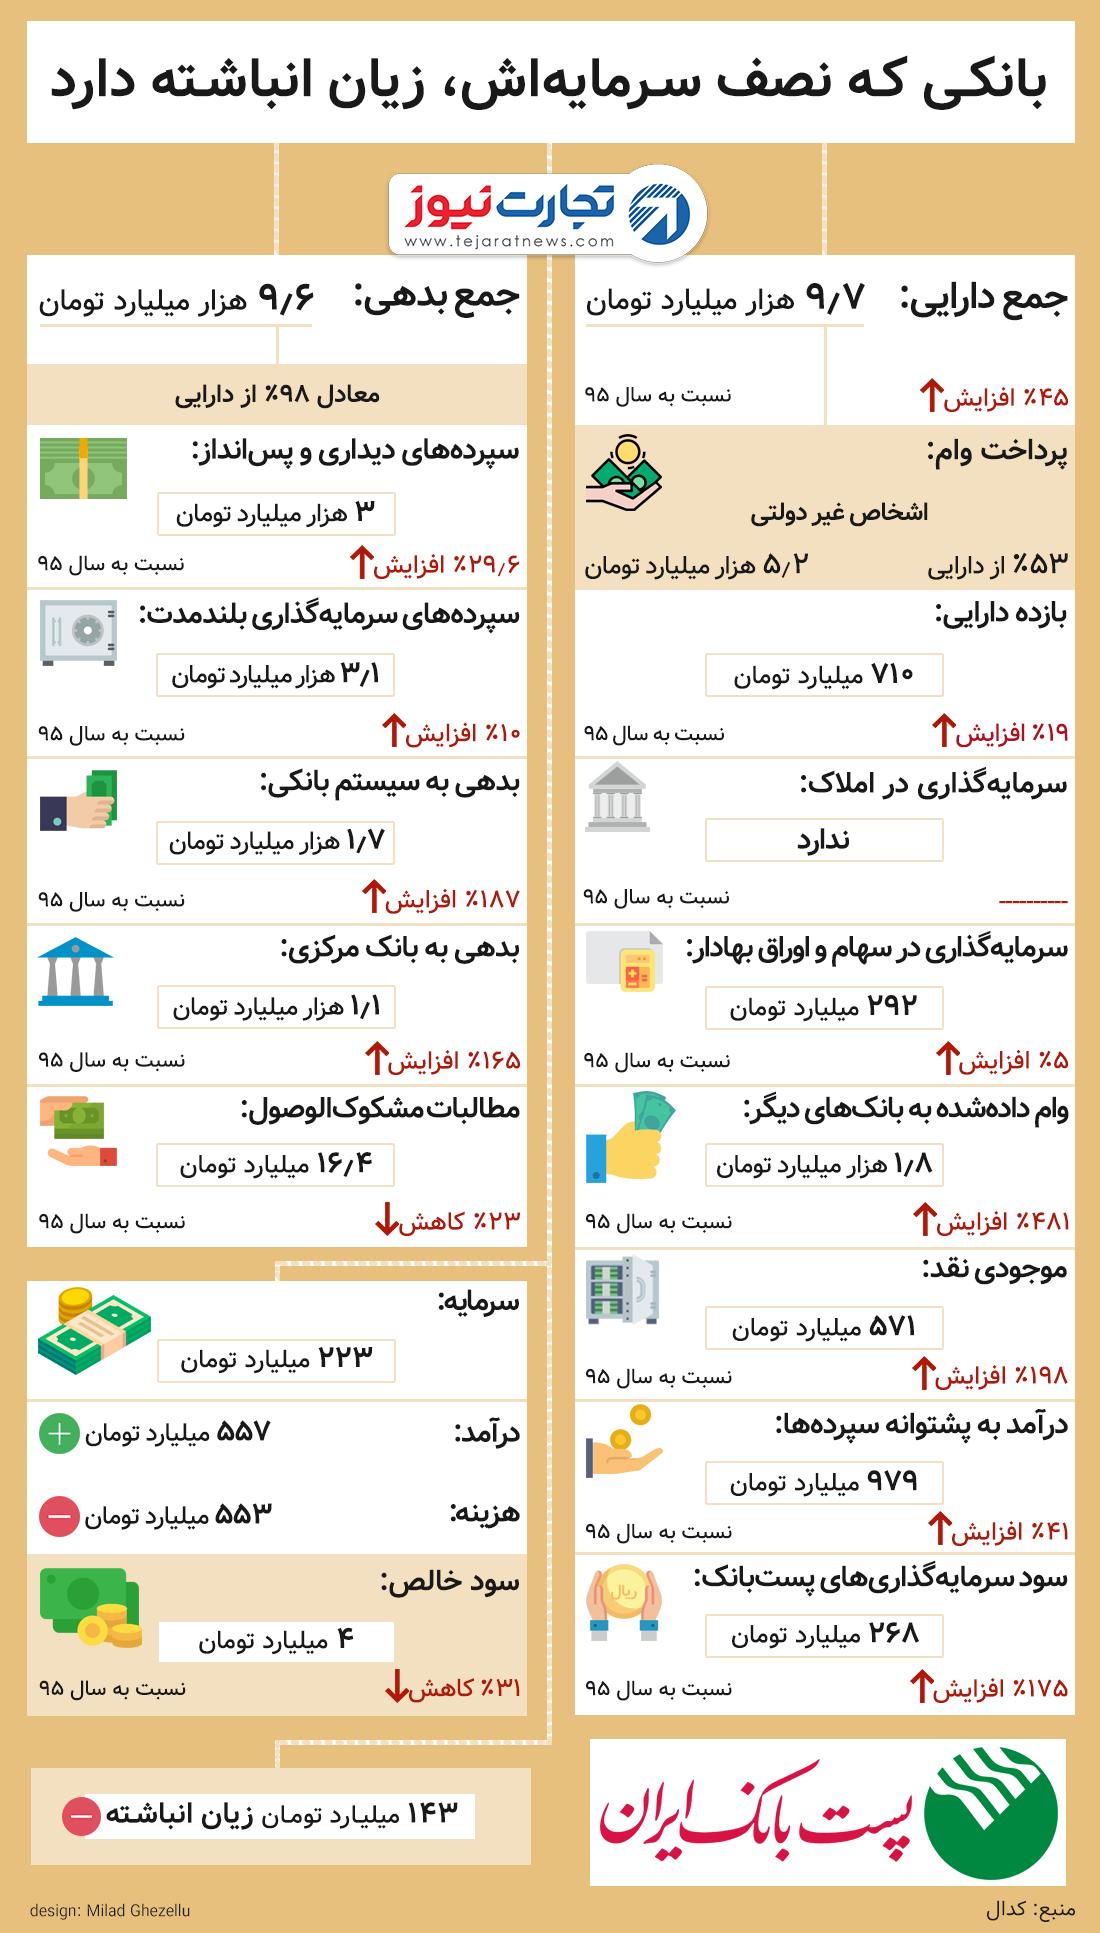 عملکرد پست بانک ایران در سال ۱۳۹۶